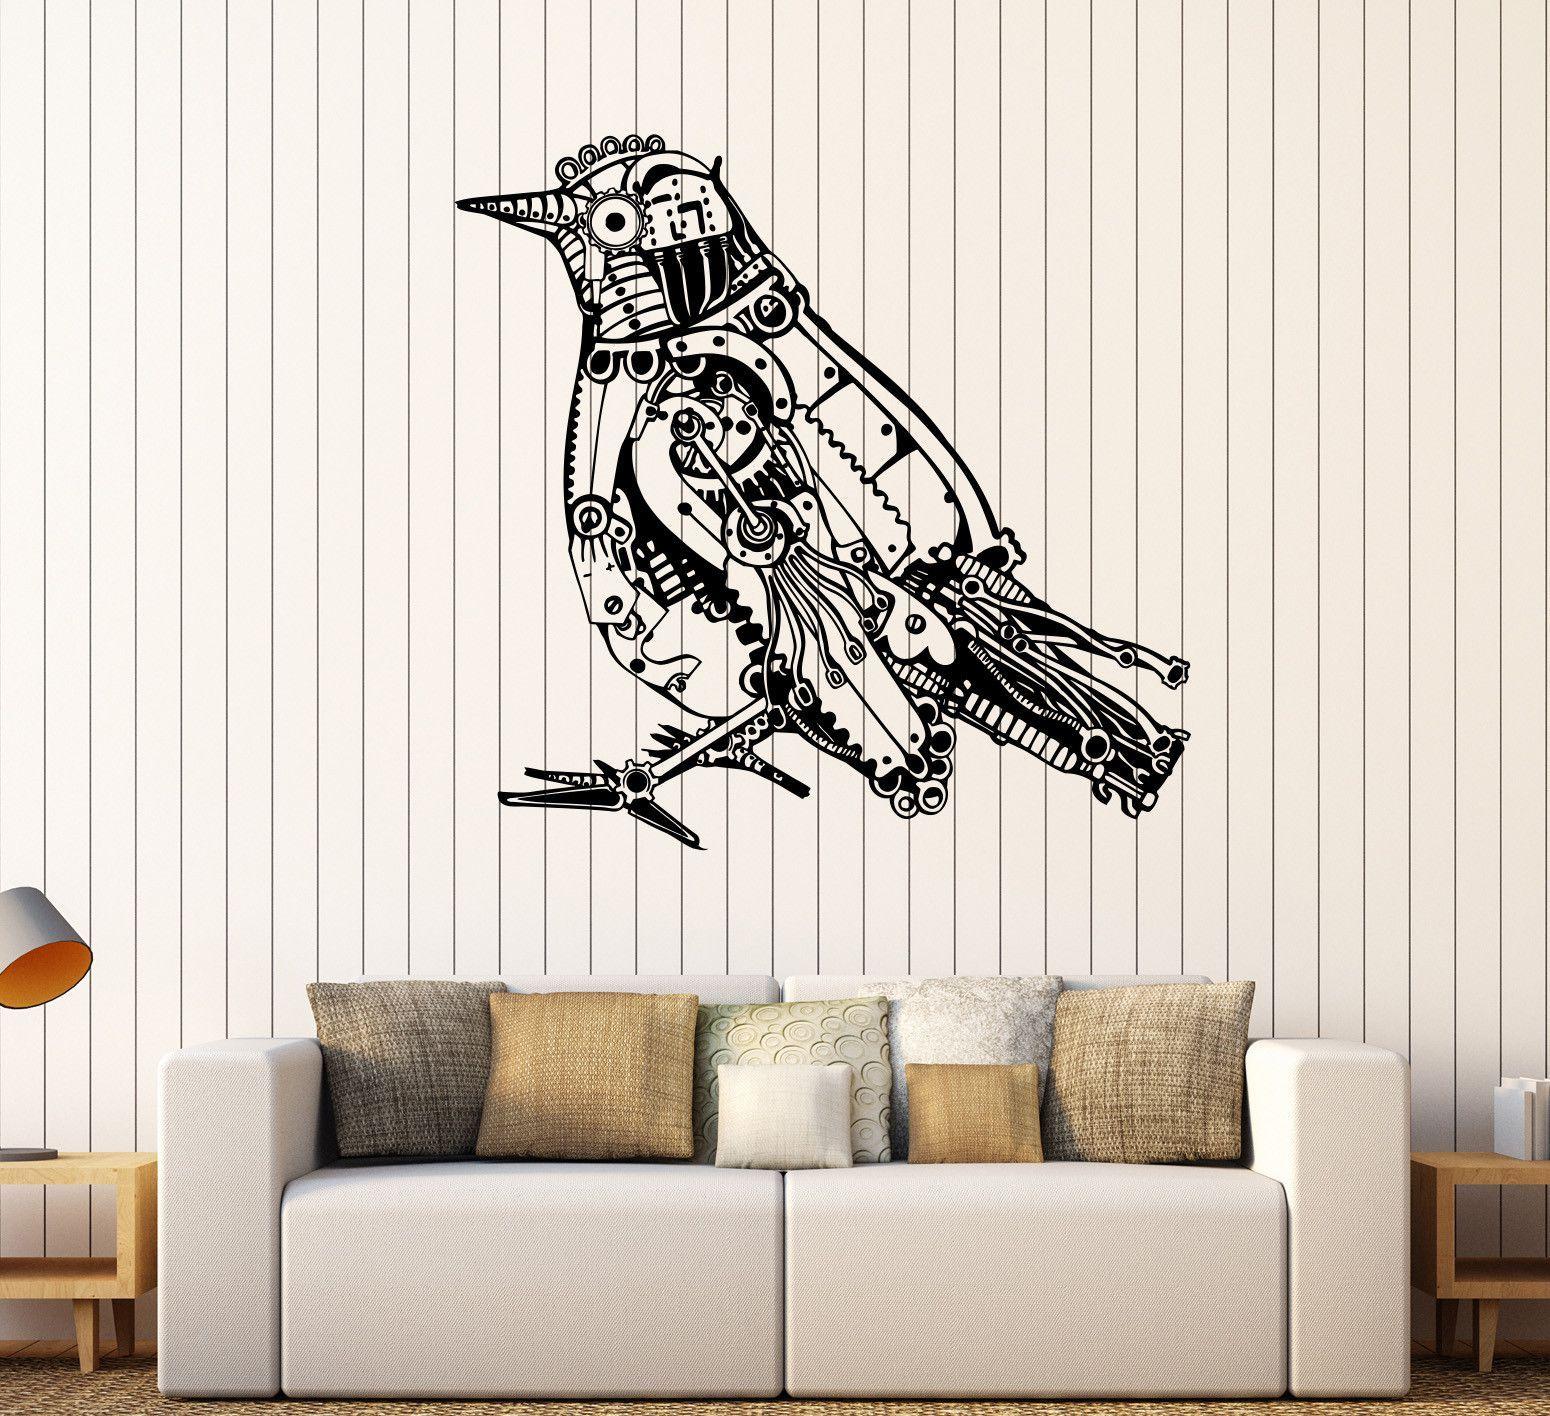 vinyl wall decal steampunk bird mechanical art stickers 284ig vinyl wall decal steampunk bird mechanical art stickers 284ig